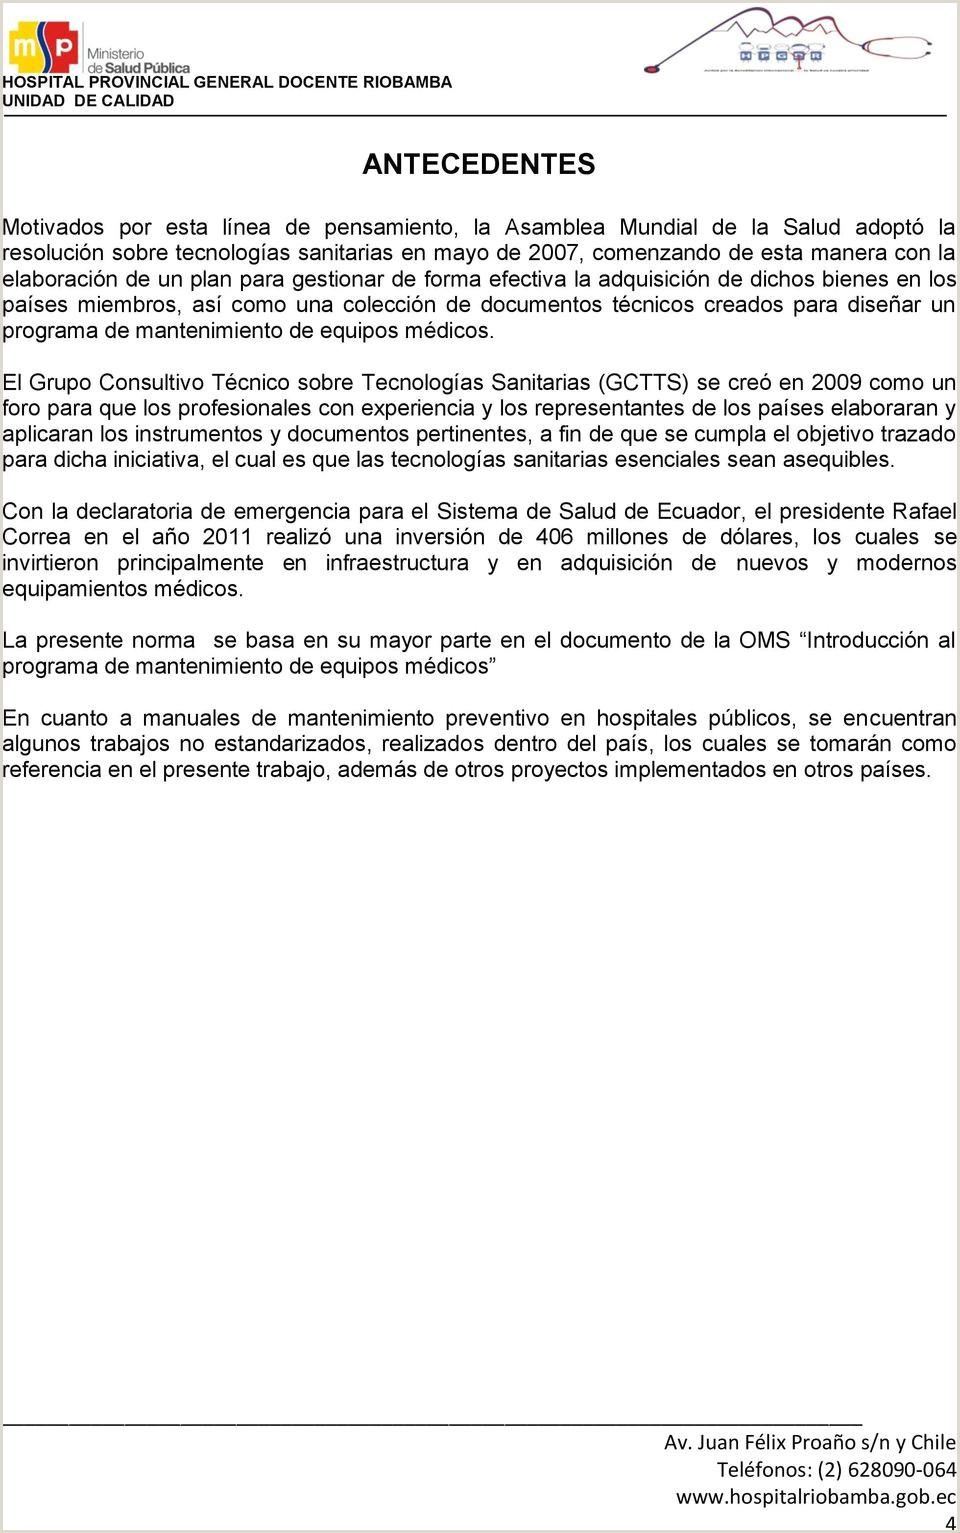 Formato Hoja De Vida Equipos Biomedicos Minsalud Práctica organizacional Requerida norma Programa De